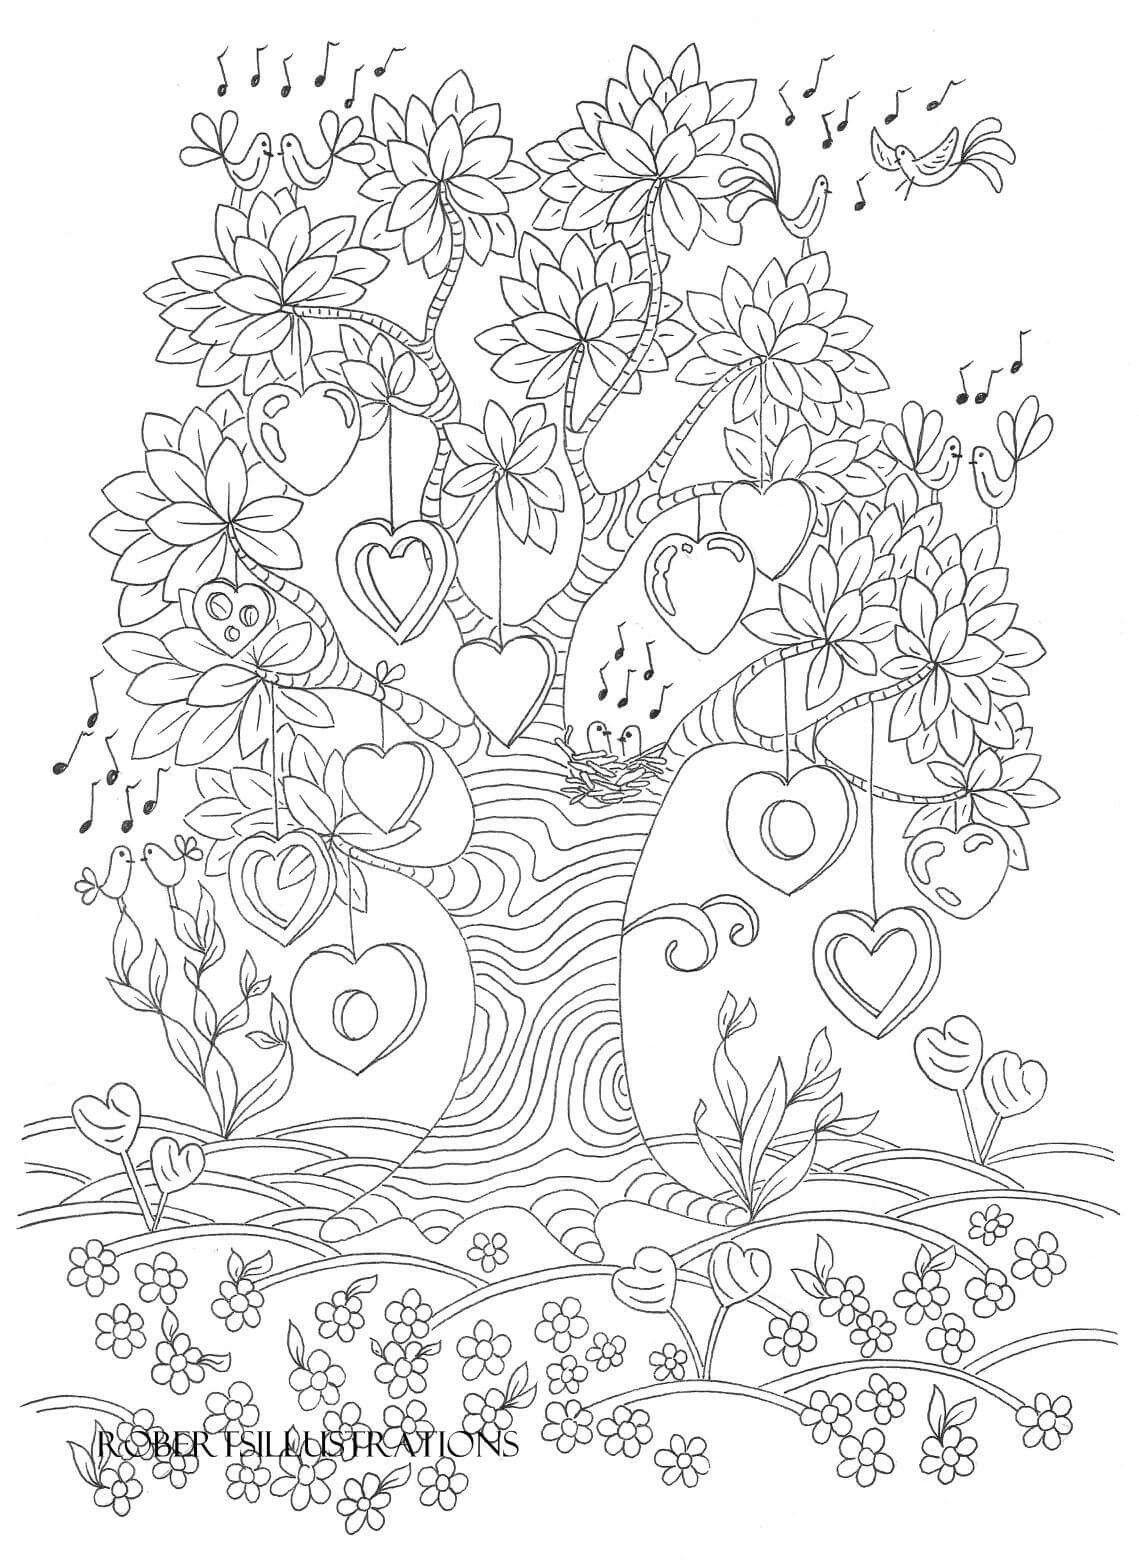 Pin de maria fernanda en catarinas | Pinterest | Mandalas, Colorear ...